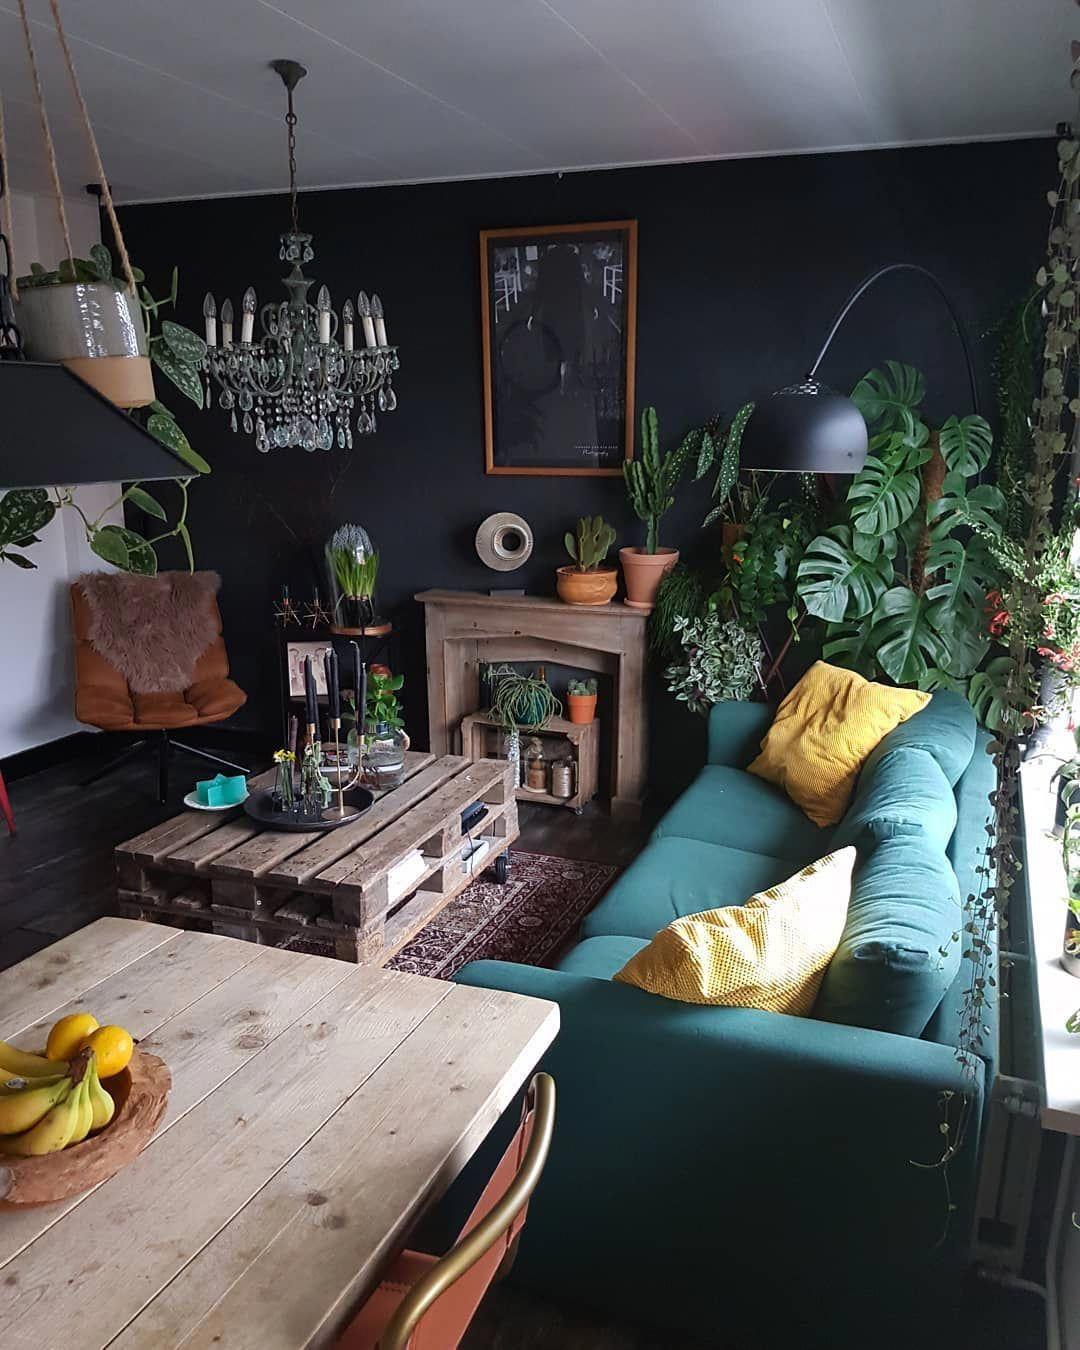 Home Interior Design Classes #Homeinteriordesign (With